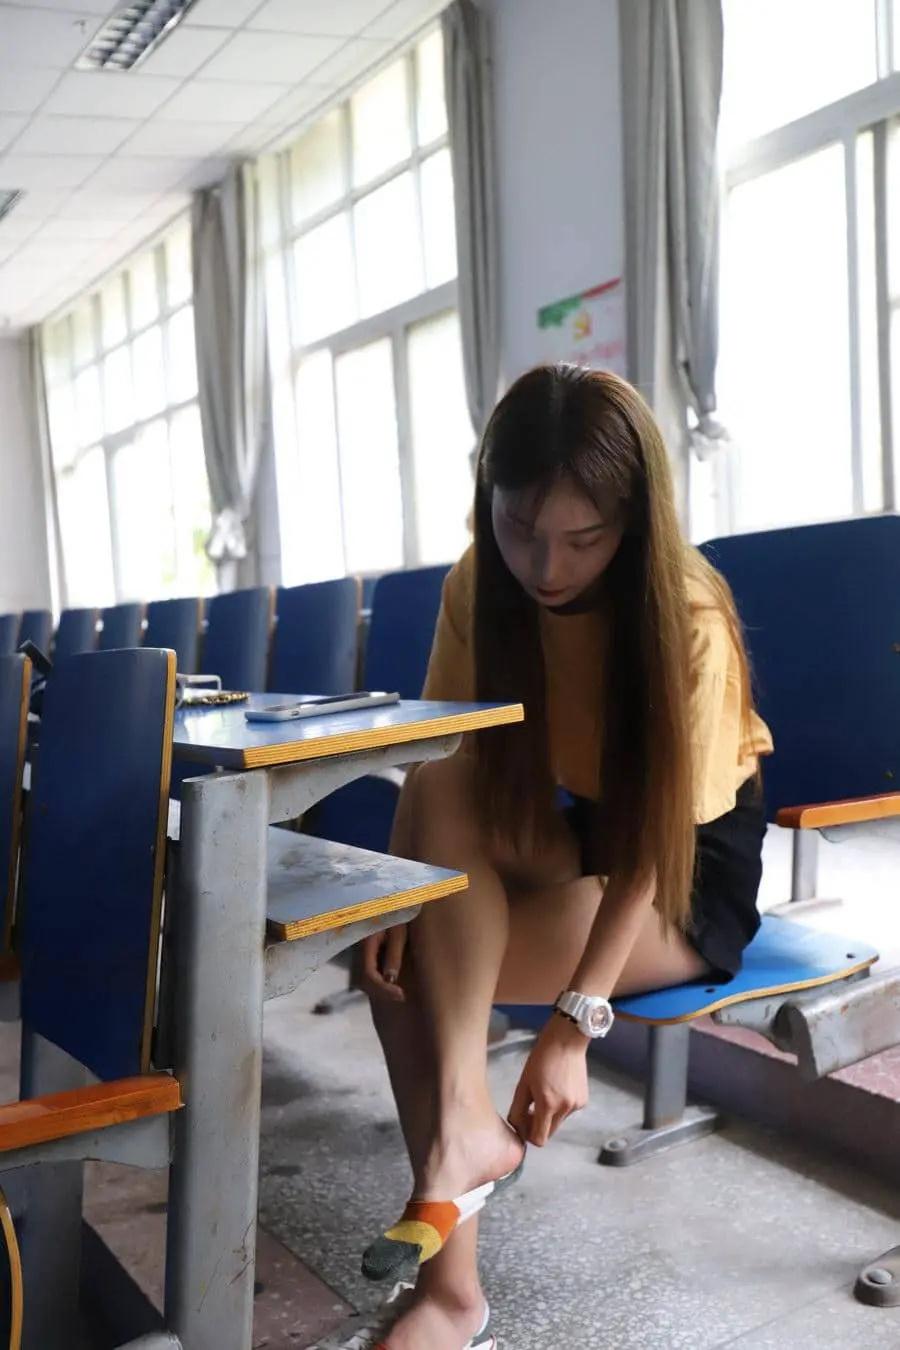 校园女神大西瓜爱牙膏上课时候的那些cos合集 (11)